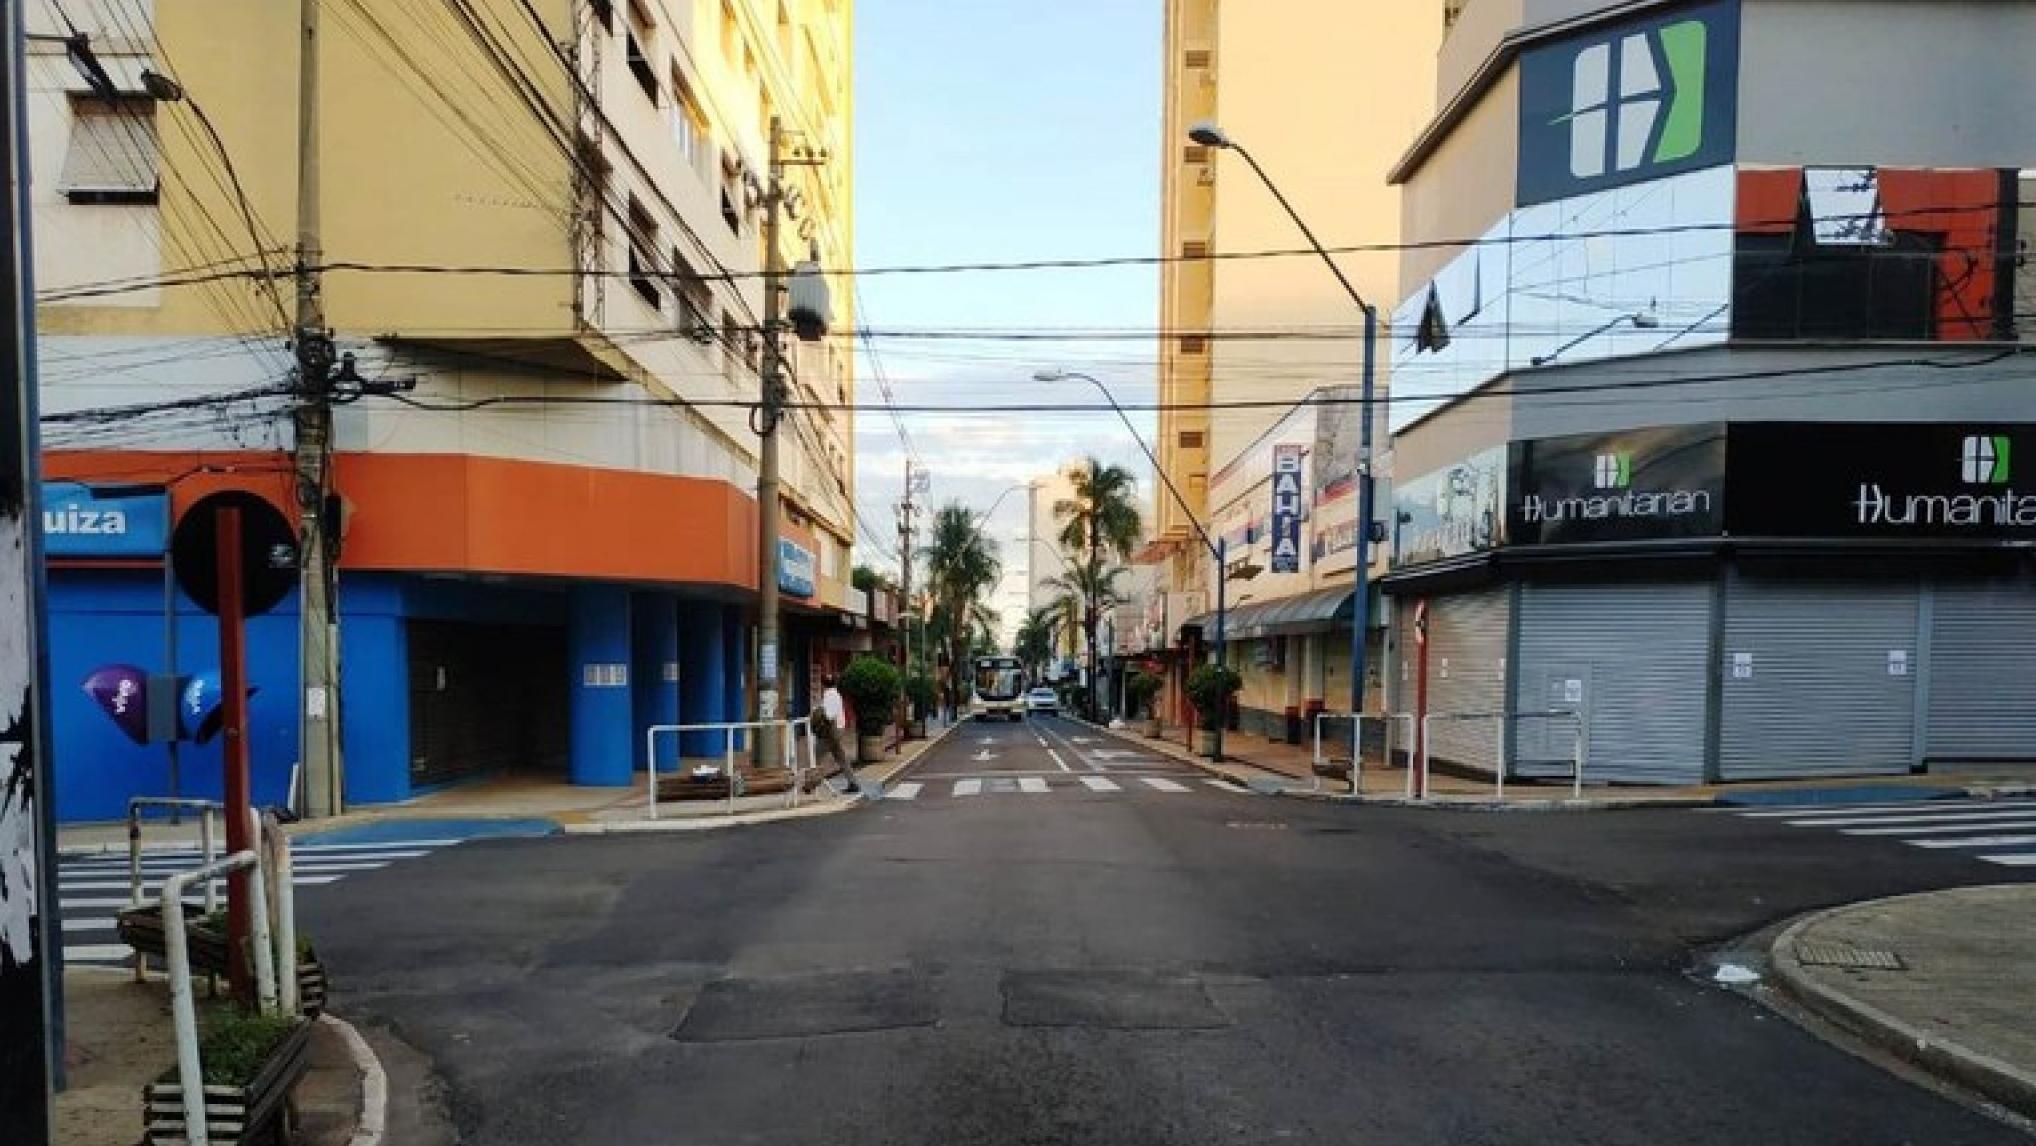 IMAGEM: Covid-19: Exército é acionado para sanitização em Araraquara, que tem UTIs lotadas